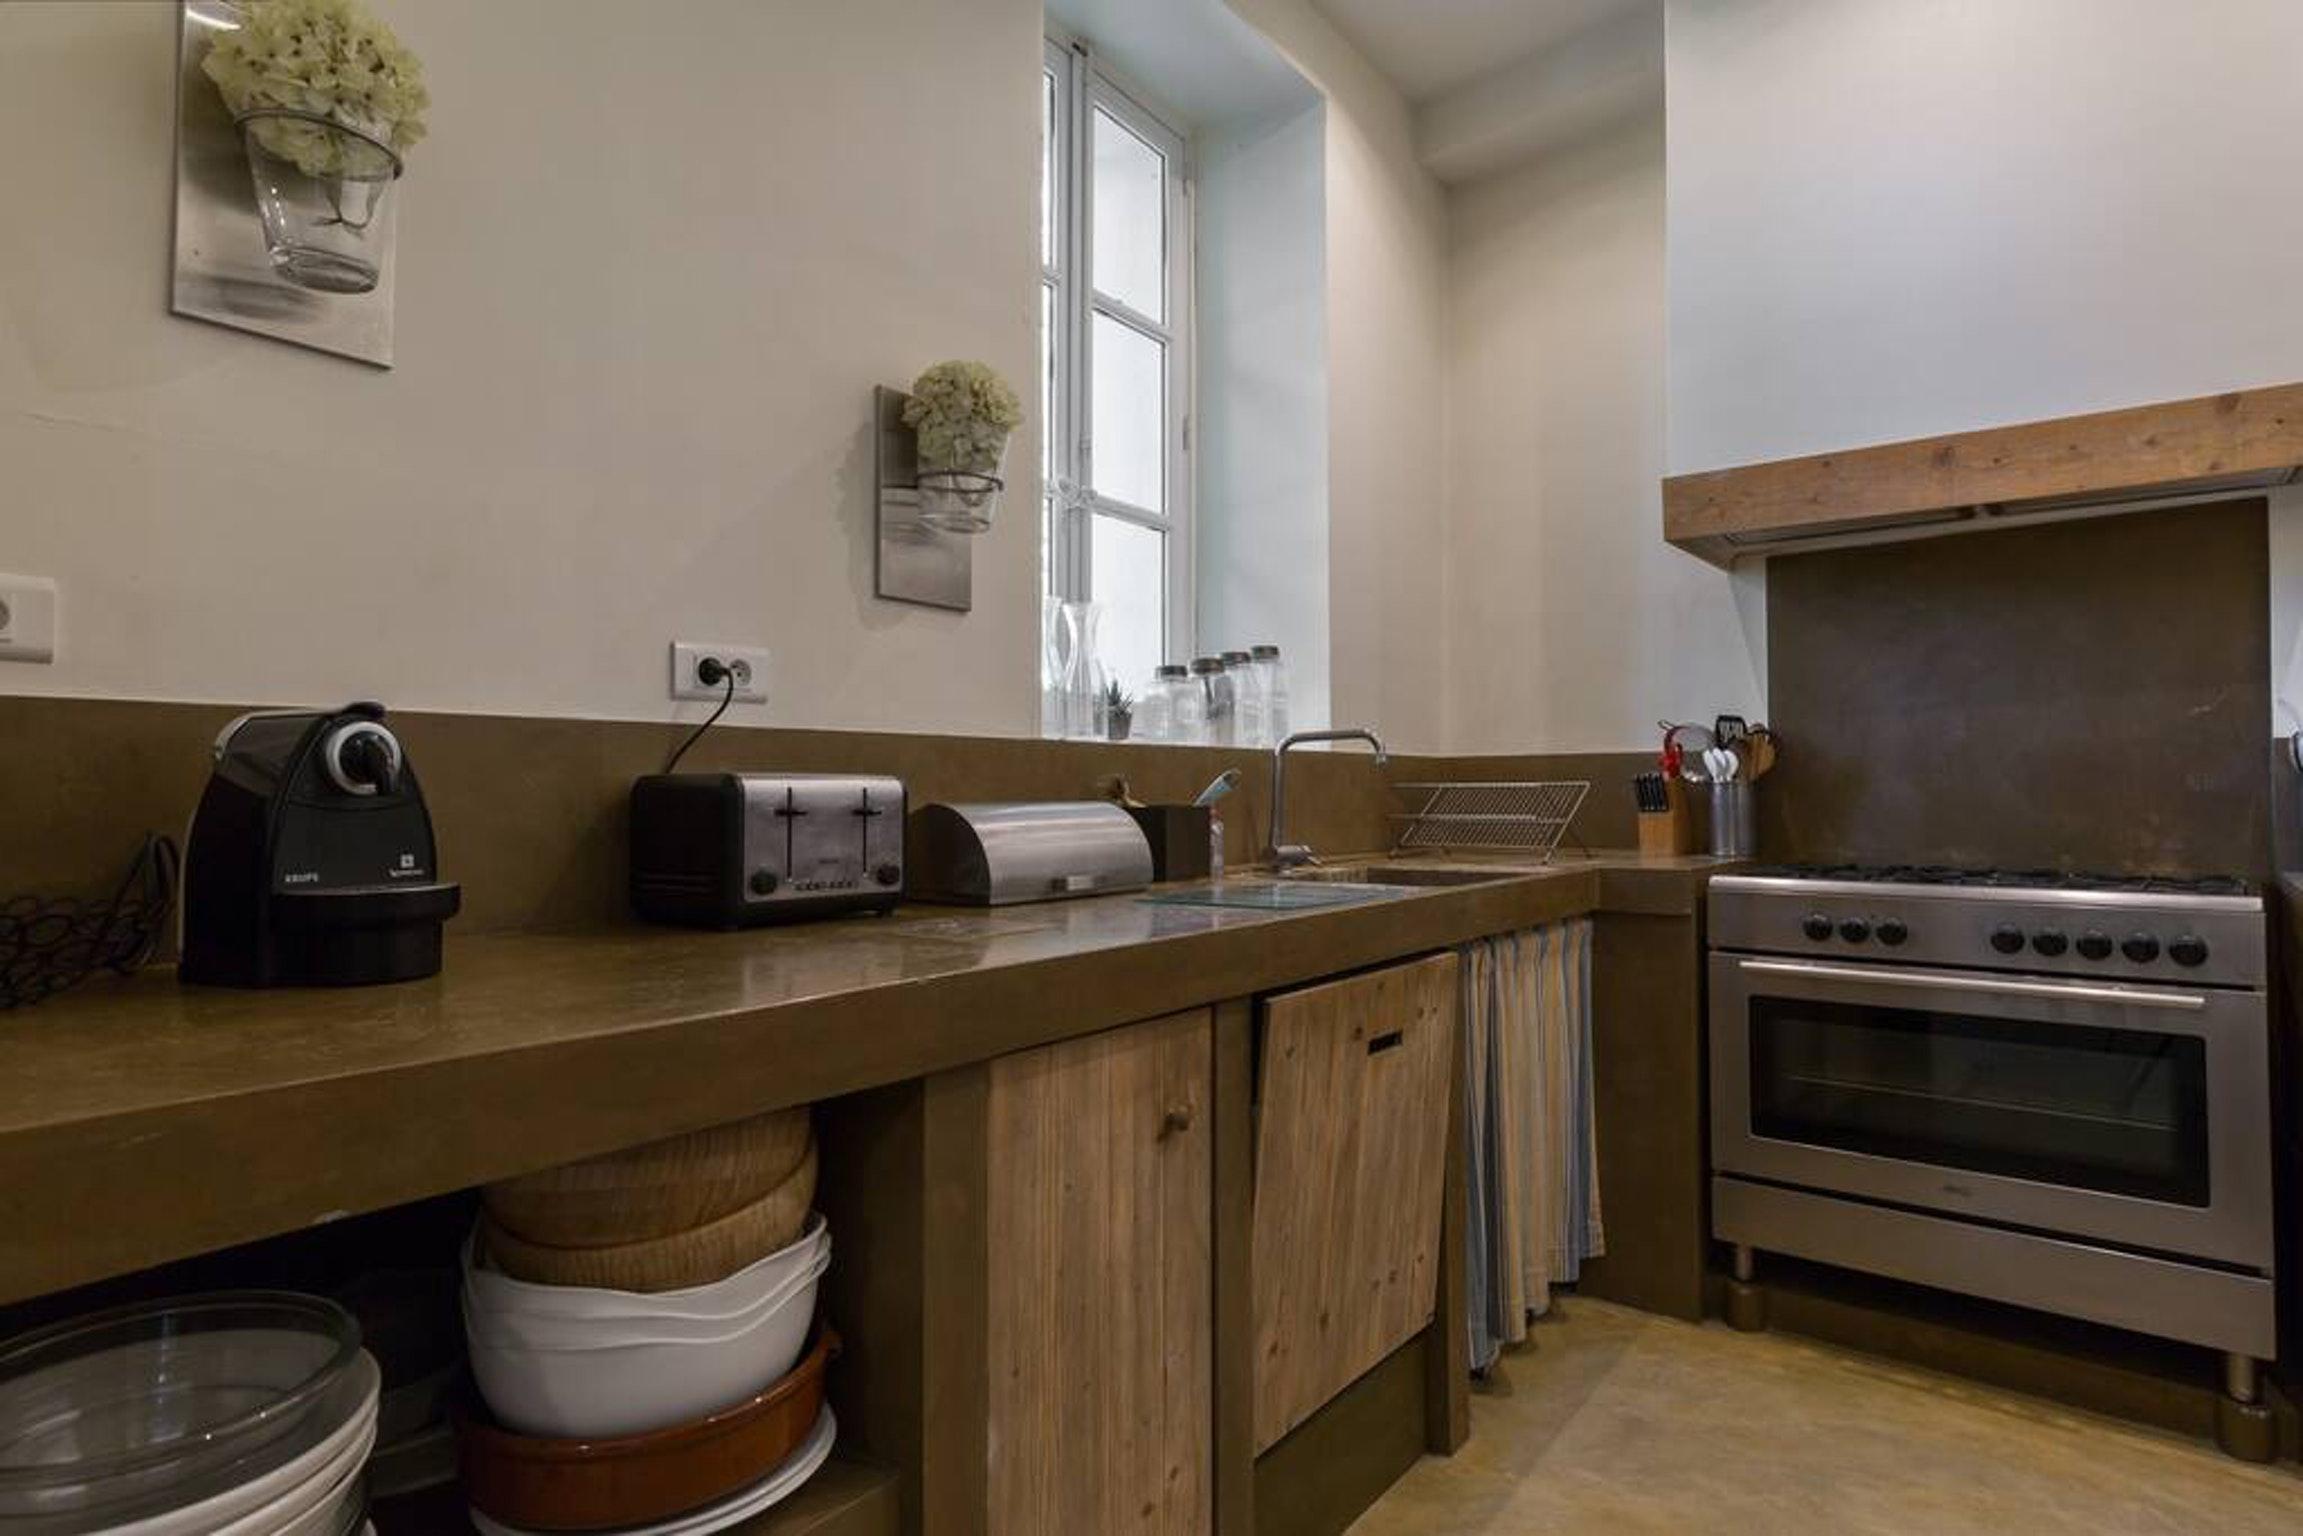 Maison de vacances Villa mit 6 Schlafzimmern in L'Isle-sur-la-Sorgue mit privatem Pool, möbliertem Garten und (2647203), L'Isle sur la Sorgue, Vaucluse, Provence - Alpes - Côte d'Azur, France, image 24